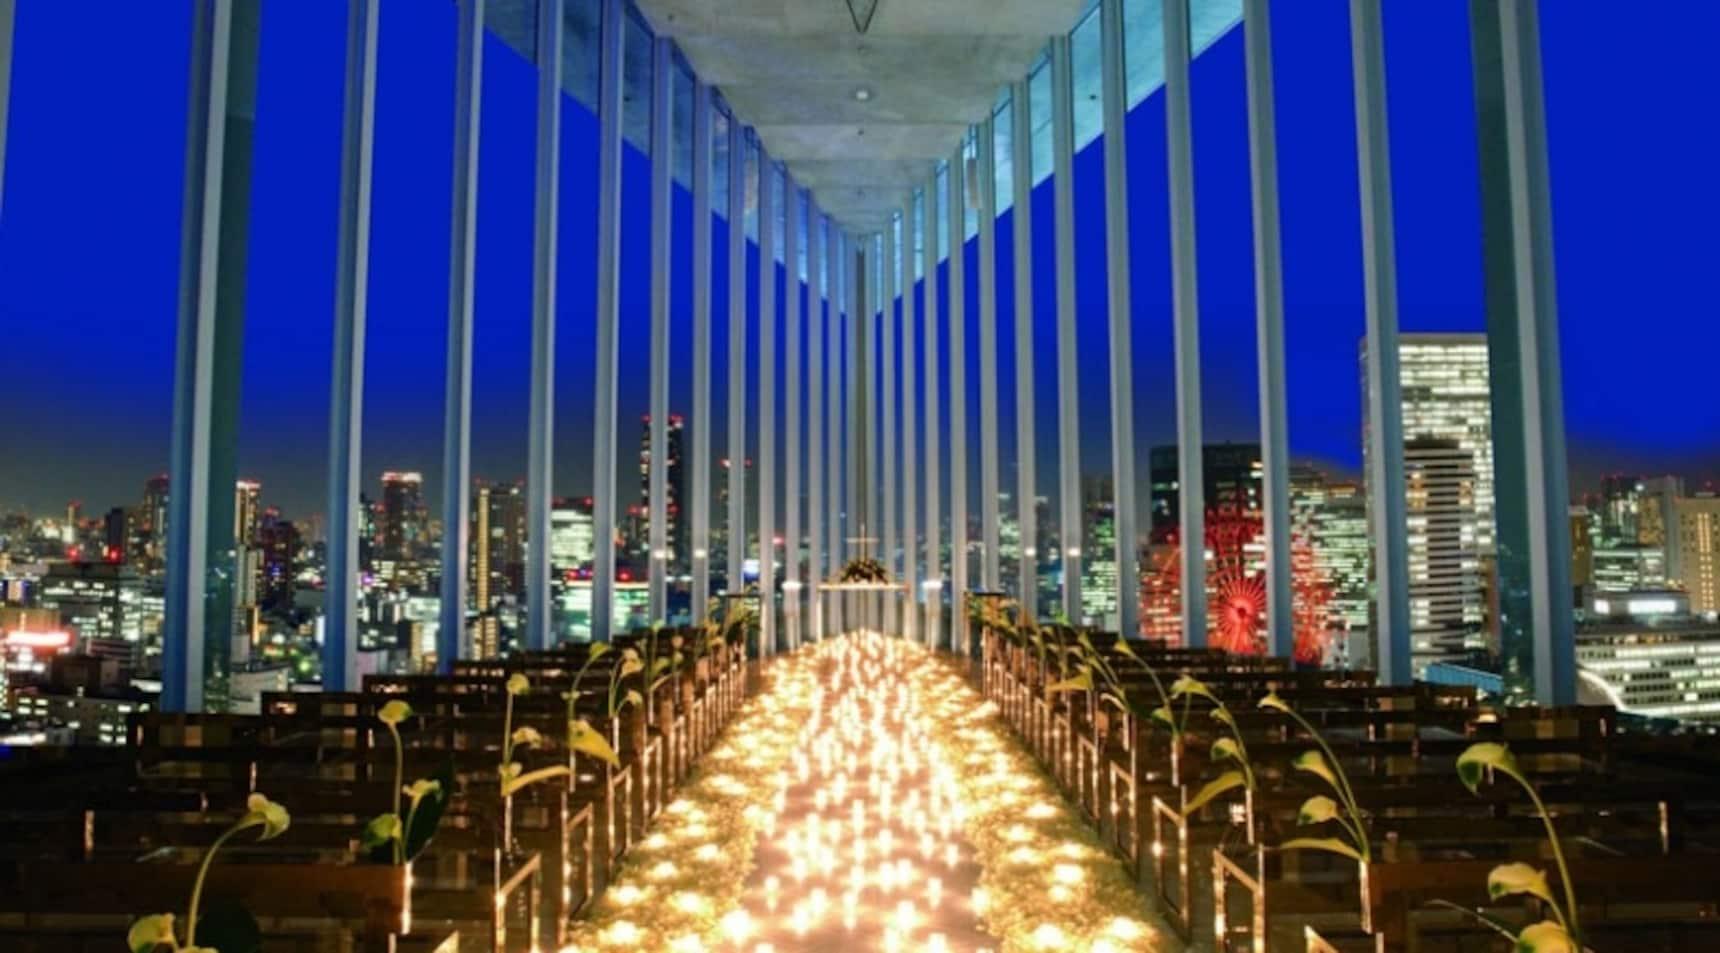 智游人|超高性价比!轻松入住大阪市区夜景饭店